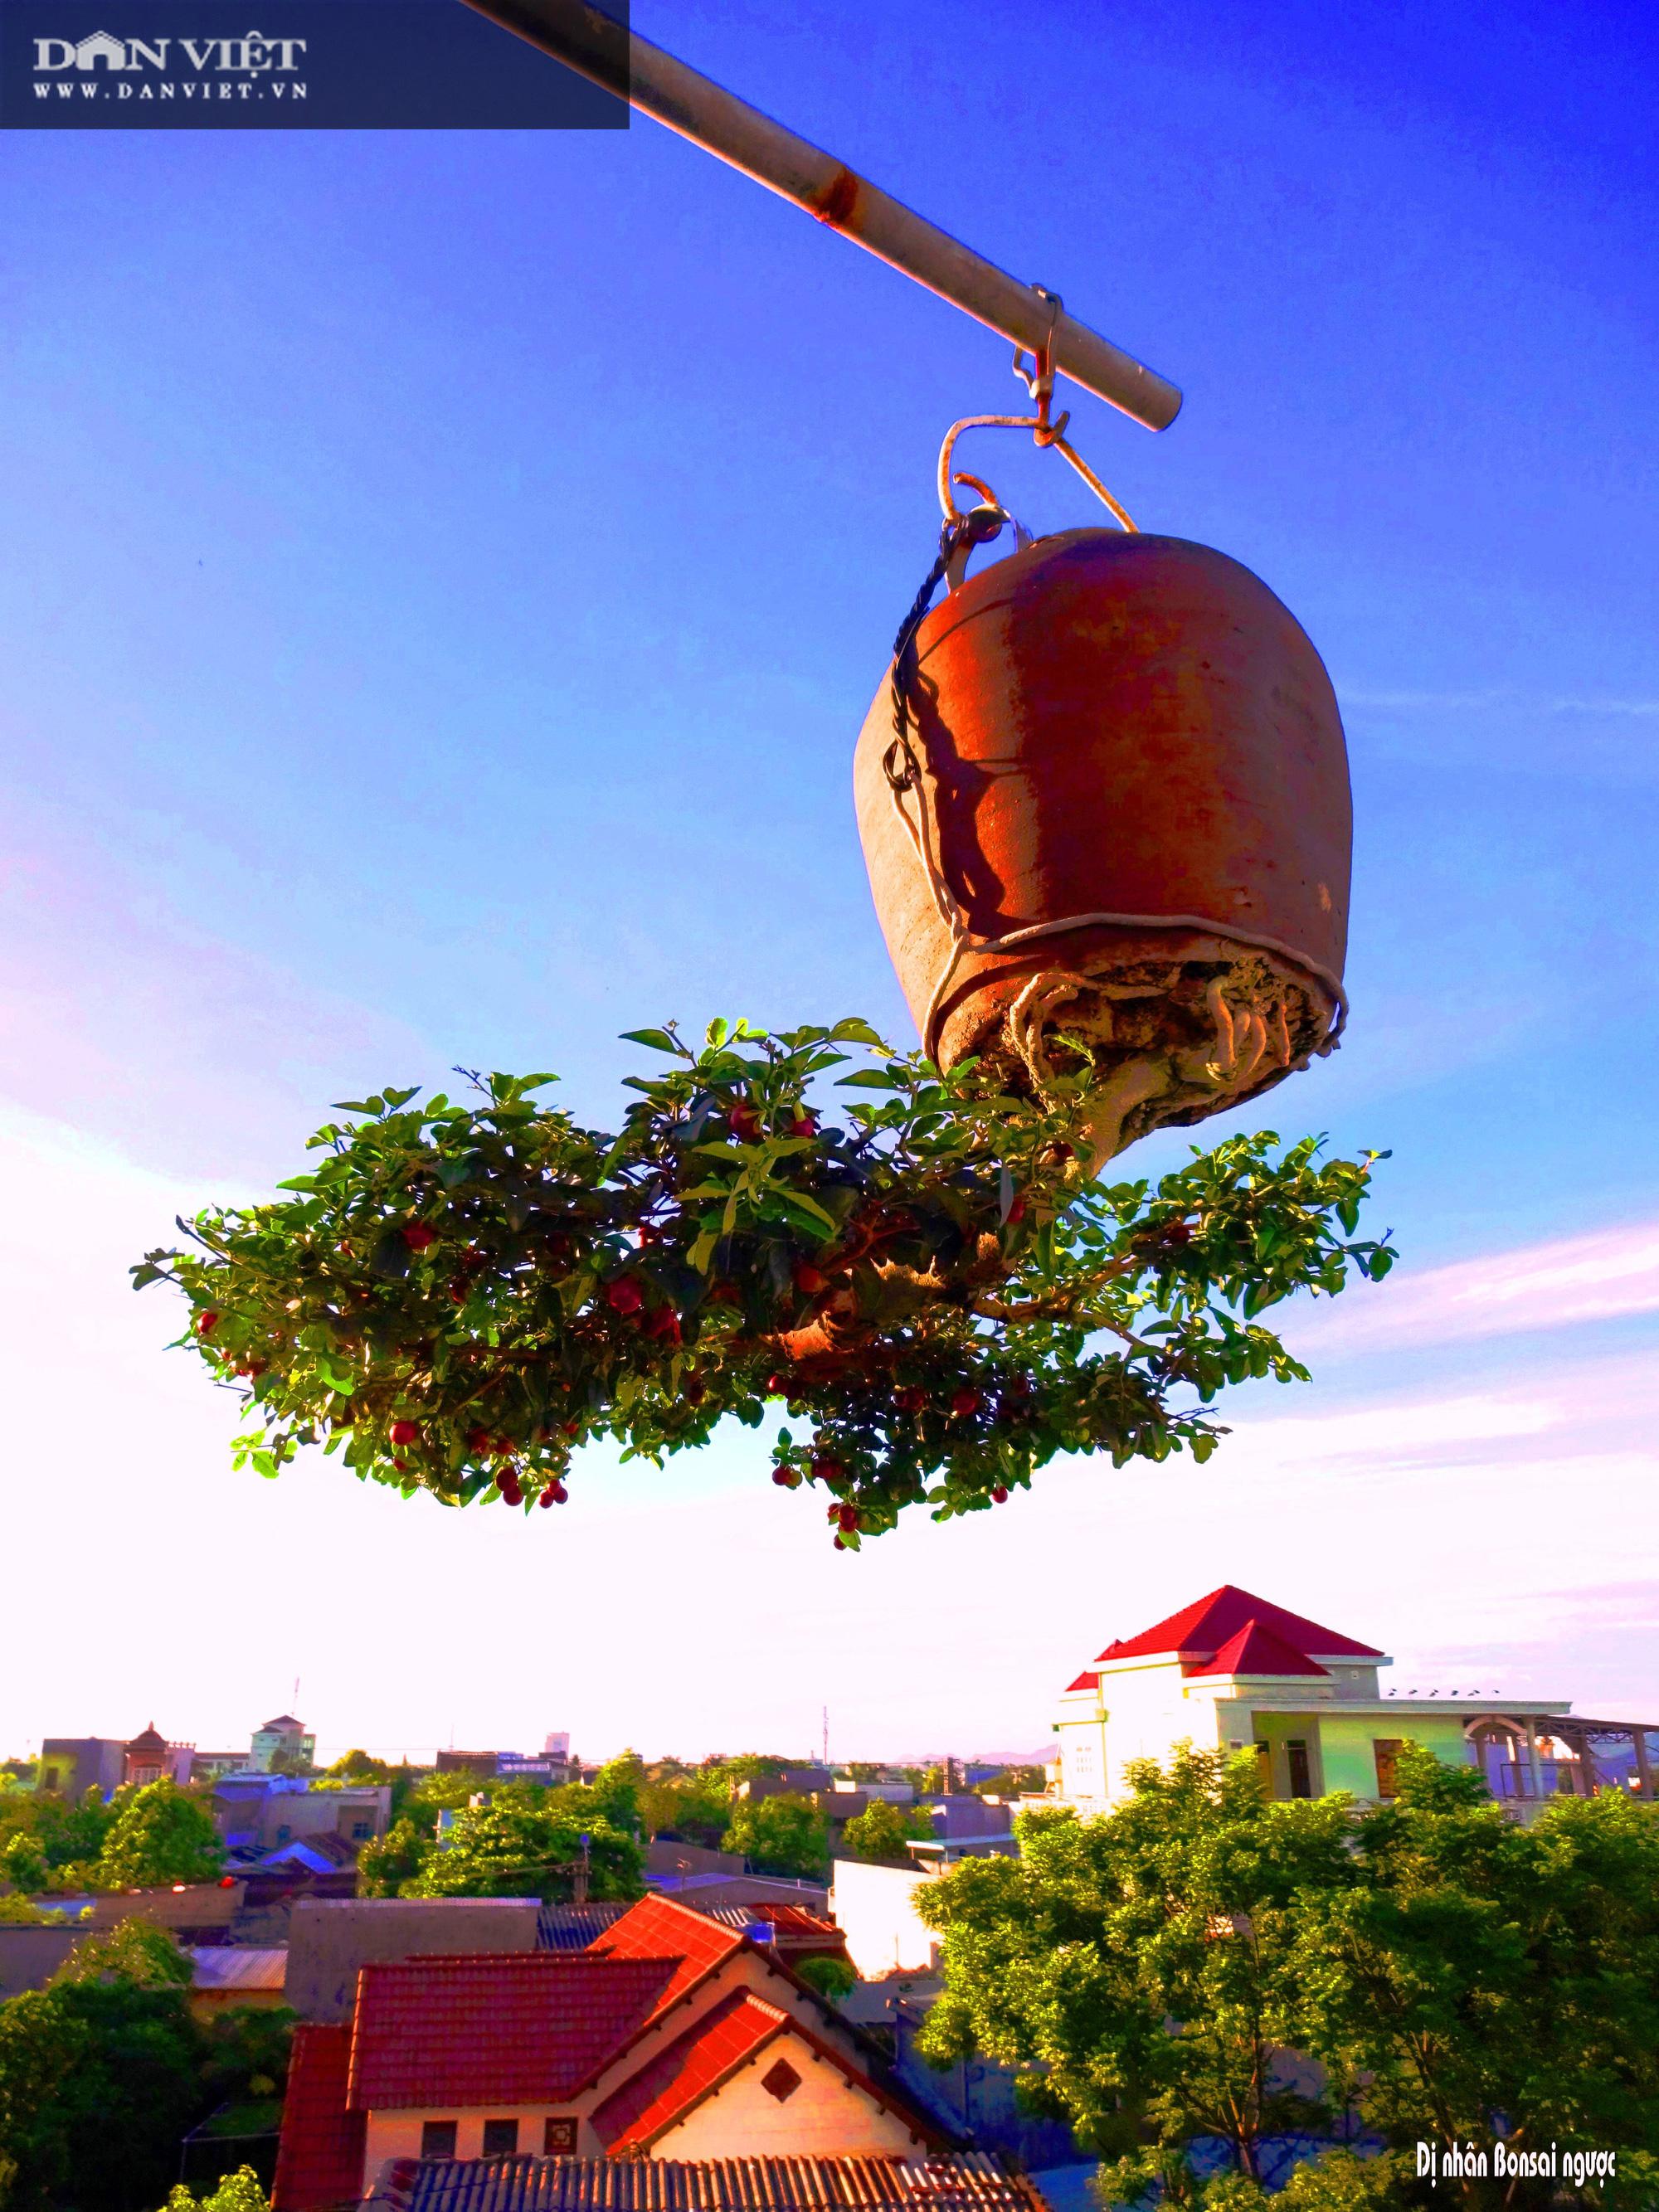 Dị nhân ở Quảng Nam có hàng trăm cây bonsai ngược được xác nhận kỷ lục Việt Nam - Ảnh 4.